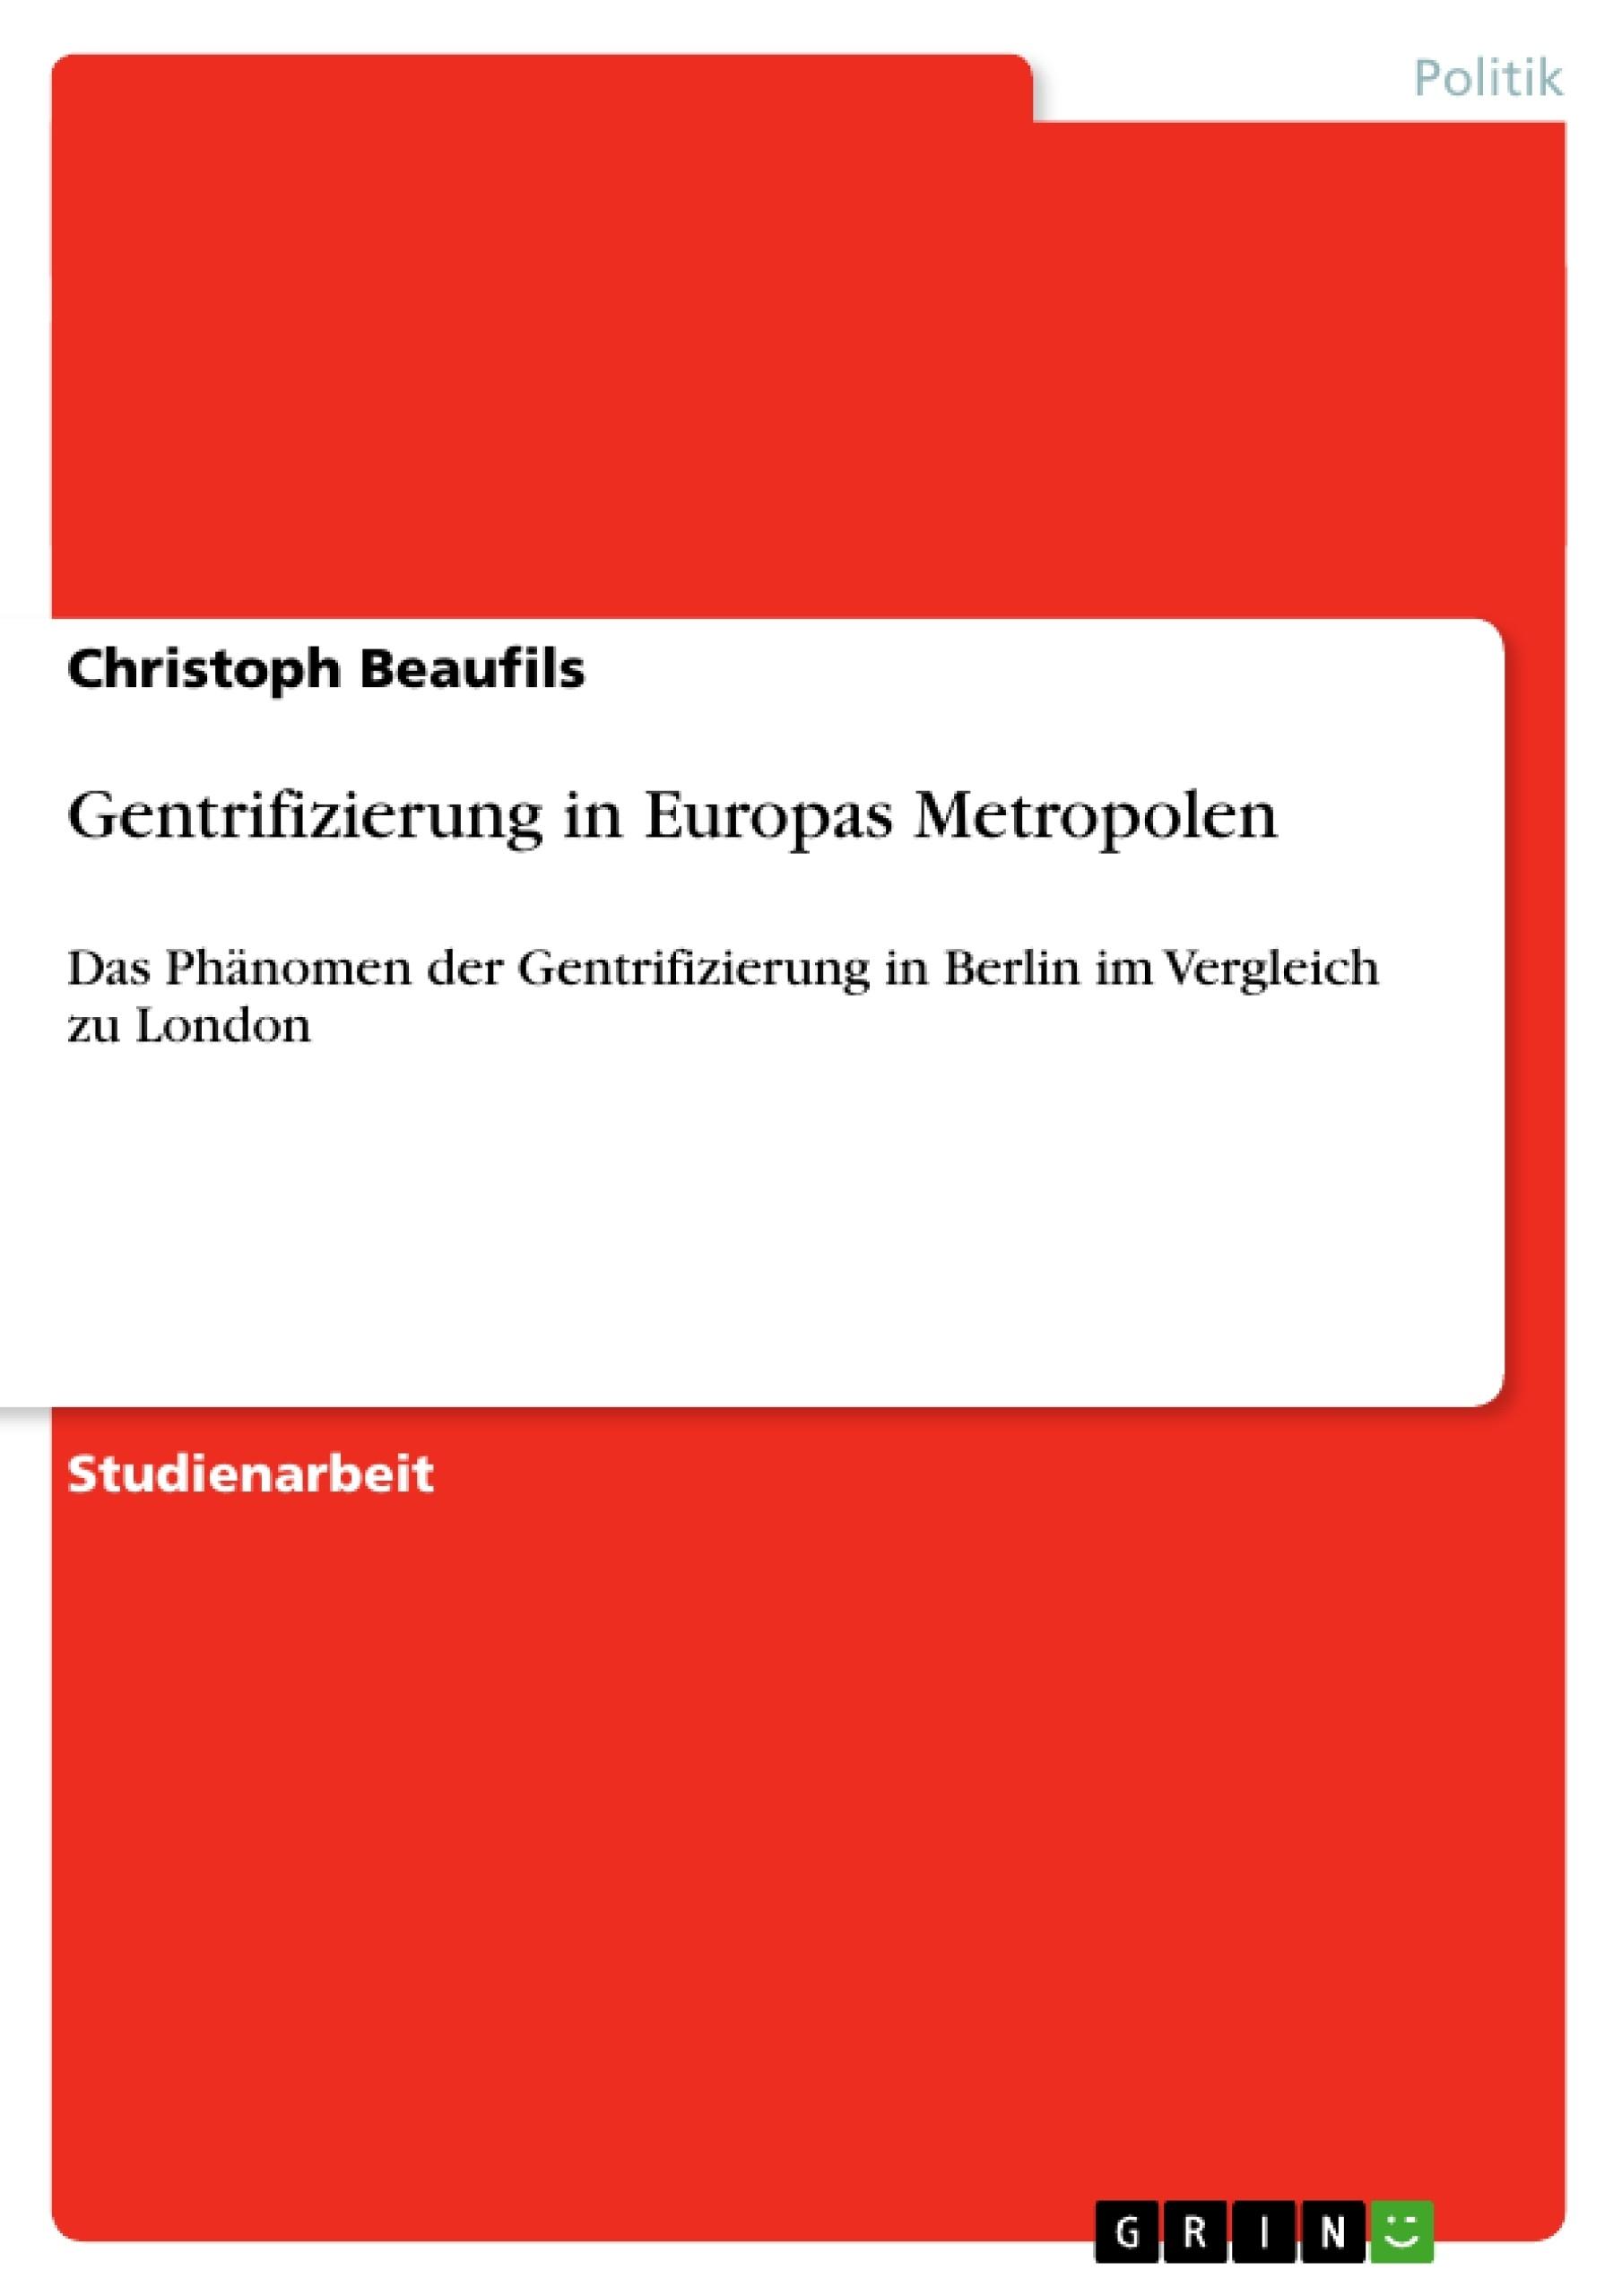 Titel: Gentrifizierung in Europas Metropolen